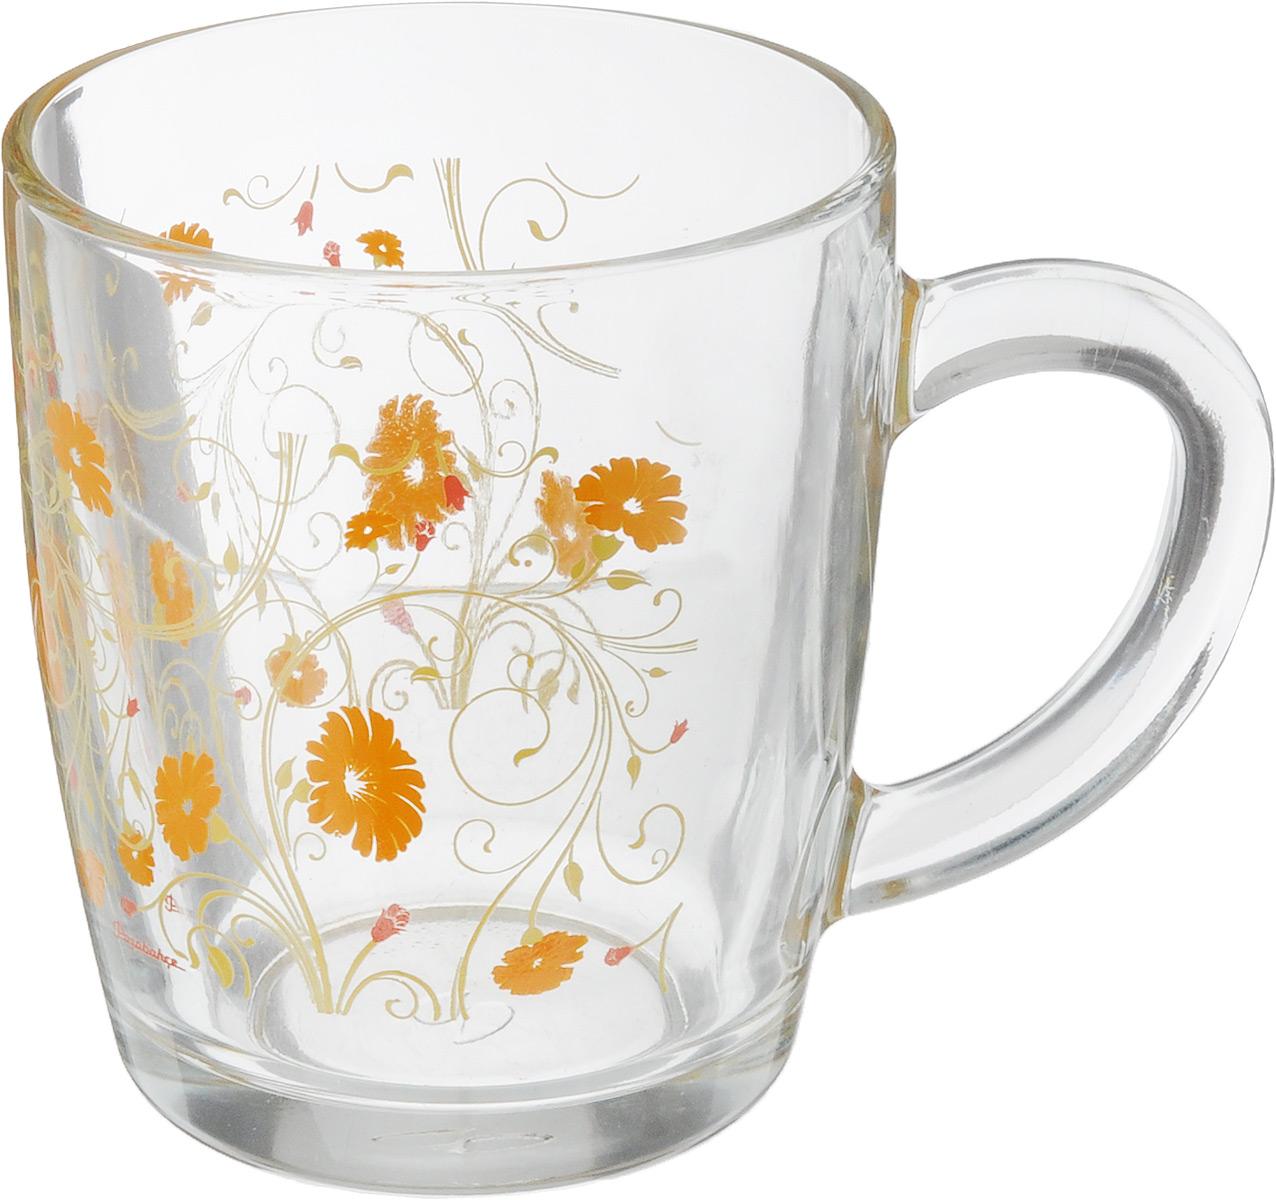 Кружка Pasabahce Serenade, цвет: прозрачный, оранжевый, 340 мл115510Кружка Pasabahce Serenadeизготовлена из прозрачного стекла и украшена красивым рисунком. Изделие идеально подходит для сервировки стола.Кружка не только украсит ваш кухонный стол, но и подчеркнет прекрасный вкус хозяйки. Диаметр кружки (по верхнему краю): 8 см. Высота кружки: 9,5 см. Объем кружки: 340 мл.